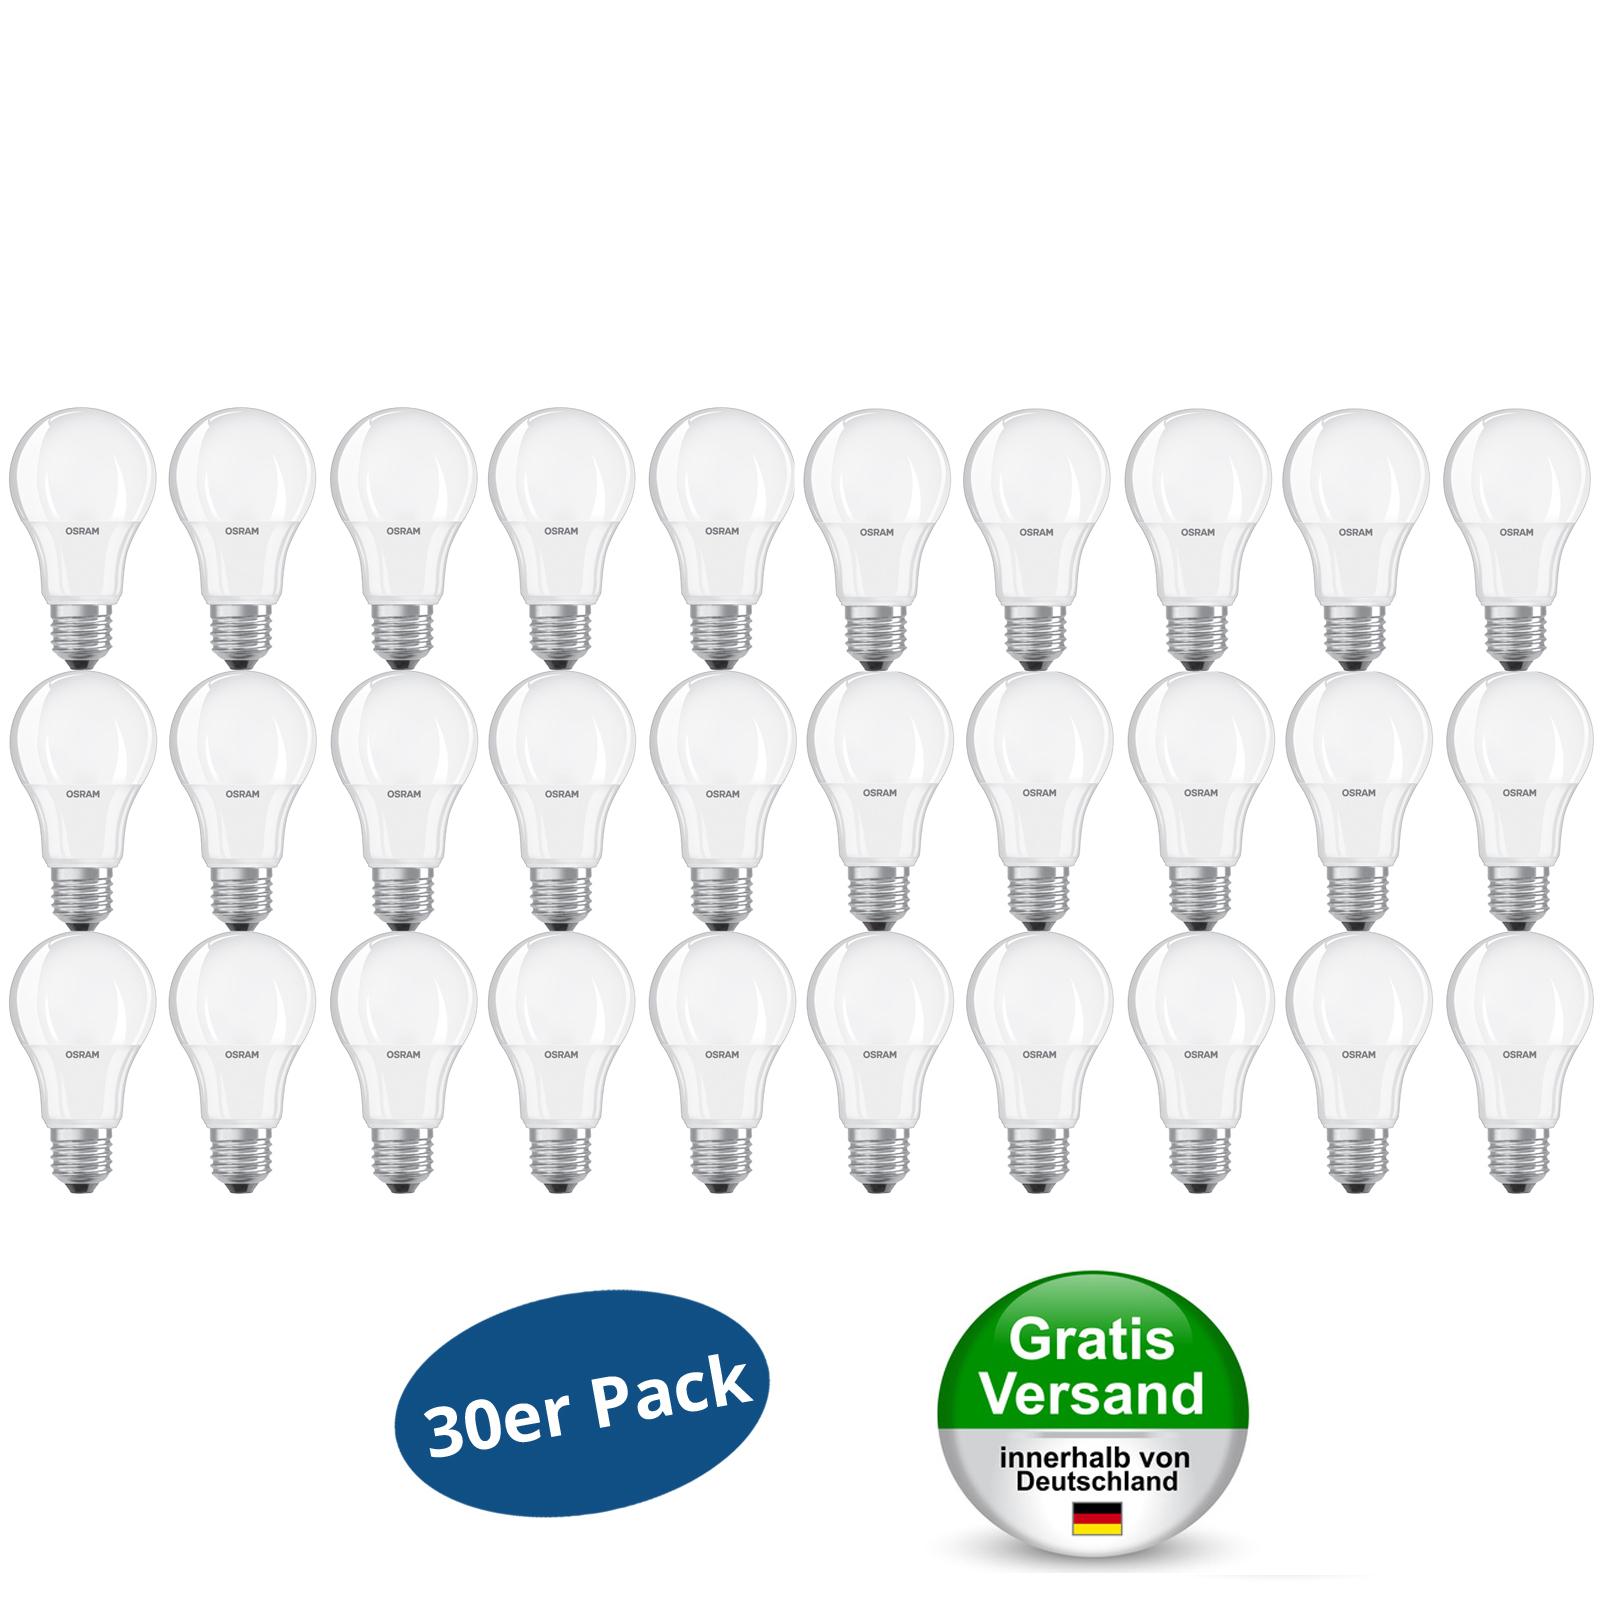 LED-de - Ihr LED Online Fachhandel für LED und LED-Lampen von Osram, Ledvance, Neolux, Carus und Brileda.